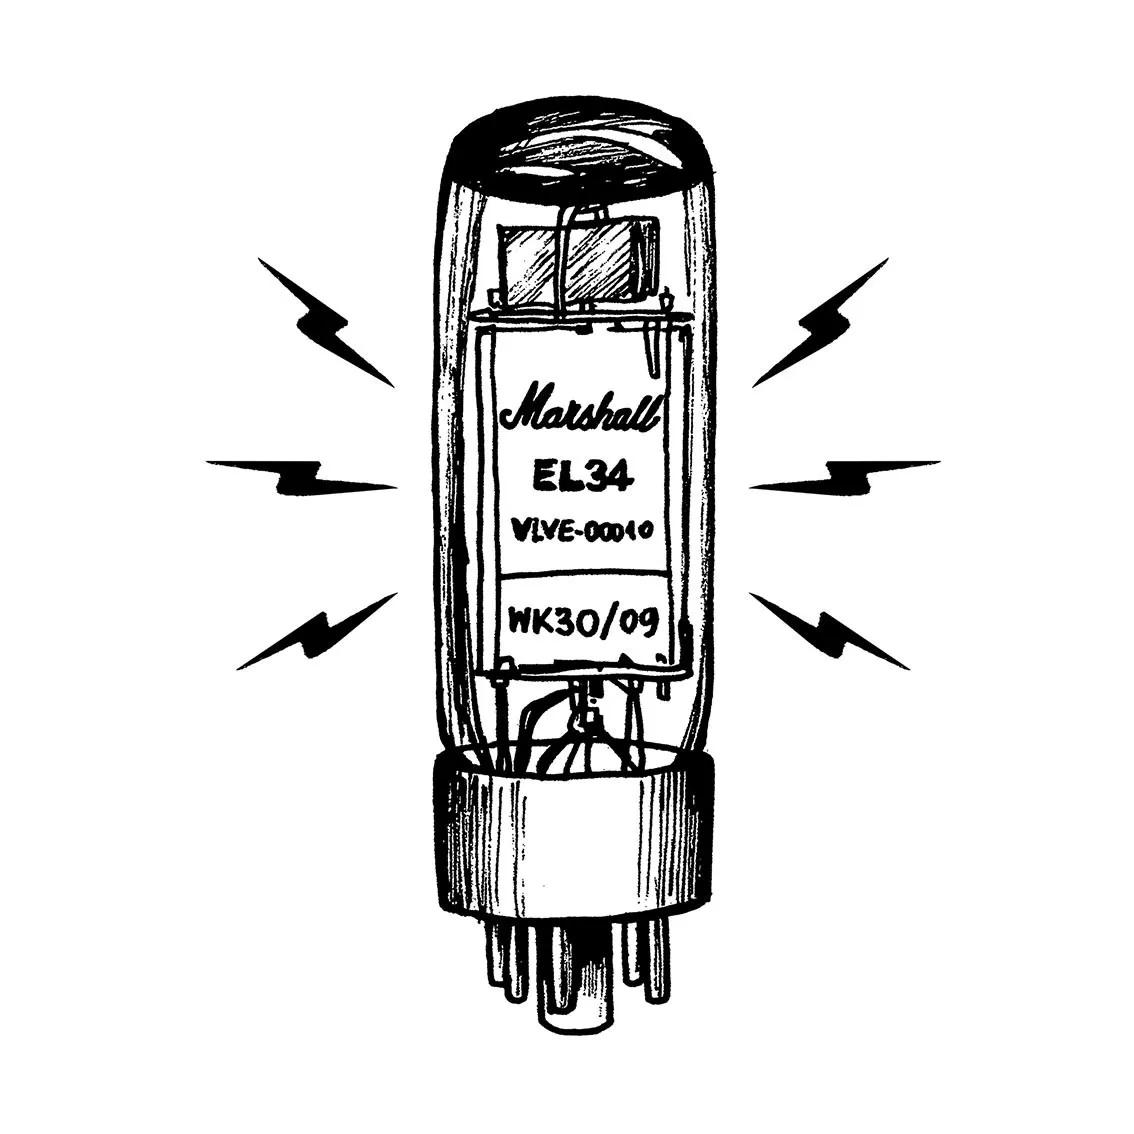 Quadro A4 - Válvula Marshall